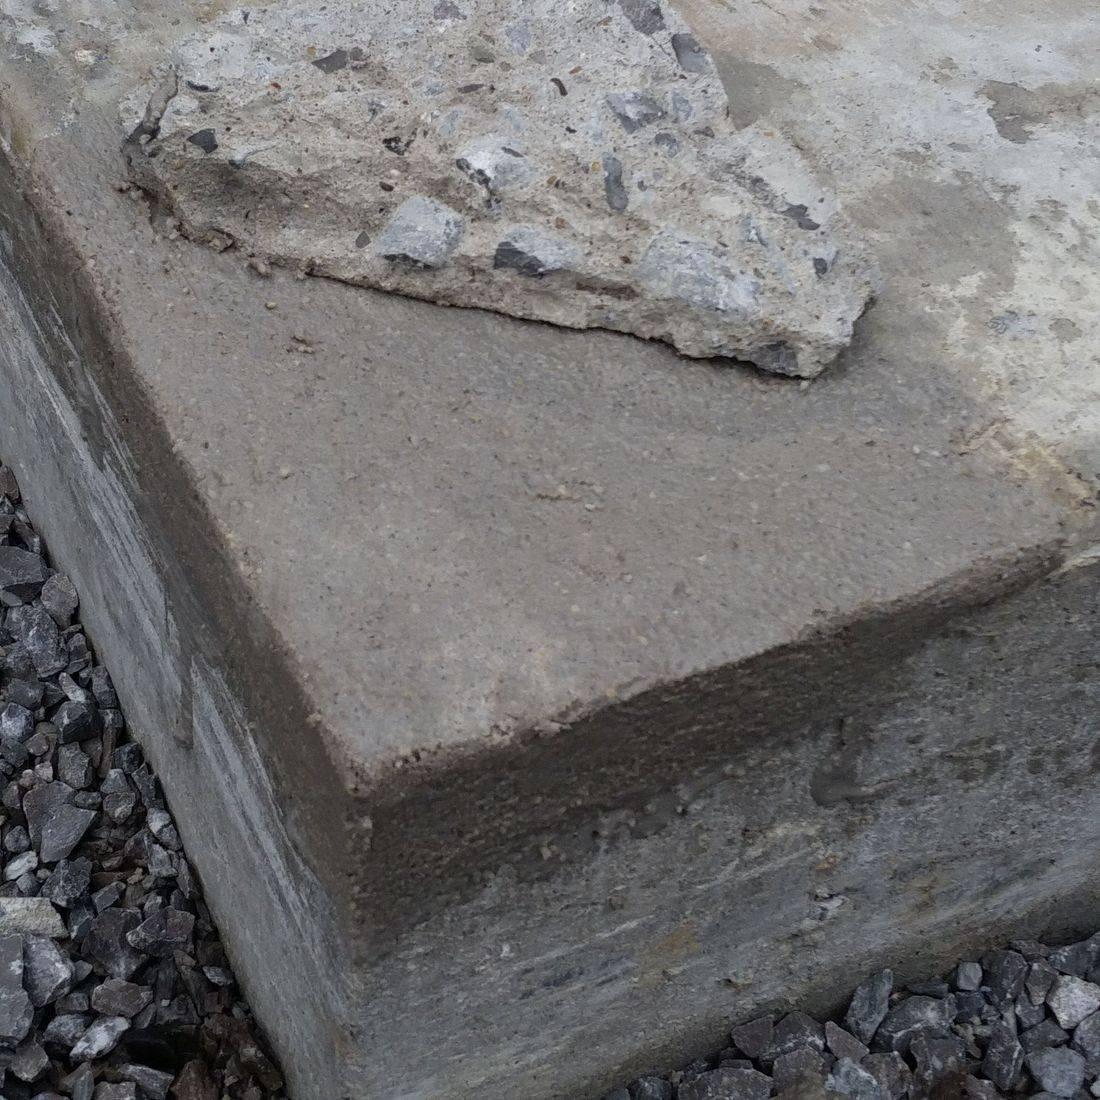 MgKrete used to permanently repair corner of sidewalk